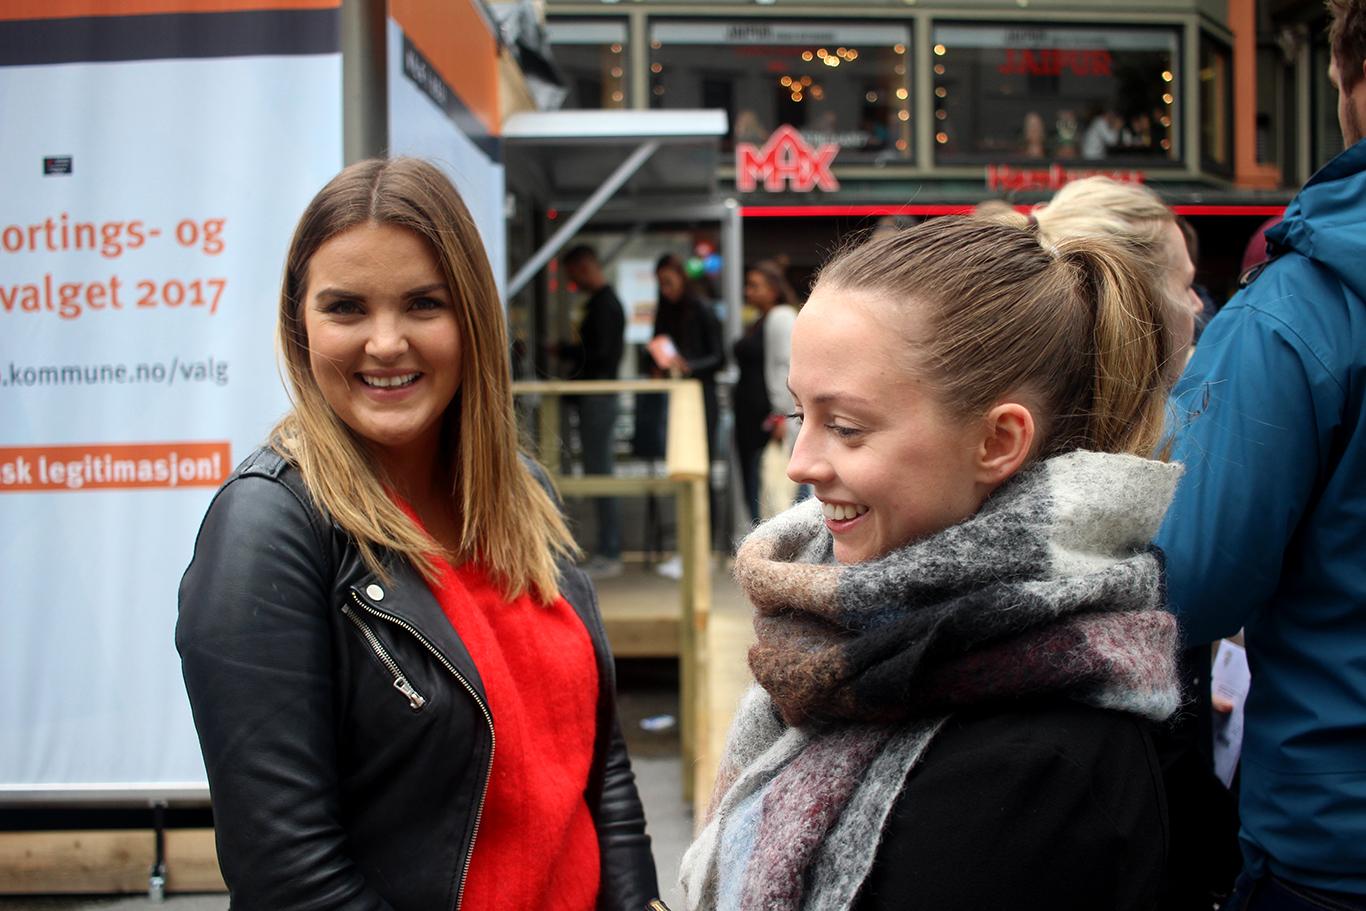 Studentane Ingveig Sveen Eilertsen (24) og Ann Harriet Granberg (23) har ikkje hatt tid til å følgja mykje med på debattane i valkampen, men utnytta den siste dagen av førehandsrøystinga i Oslo.